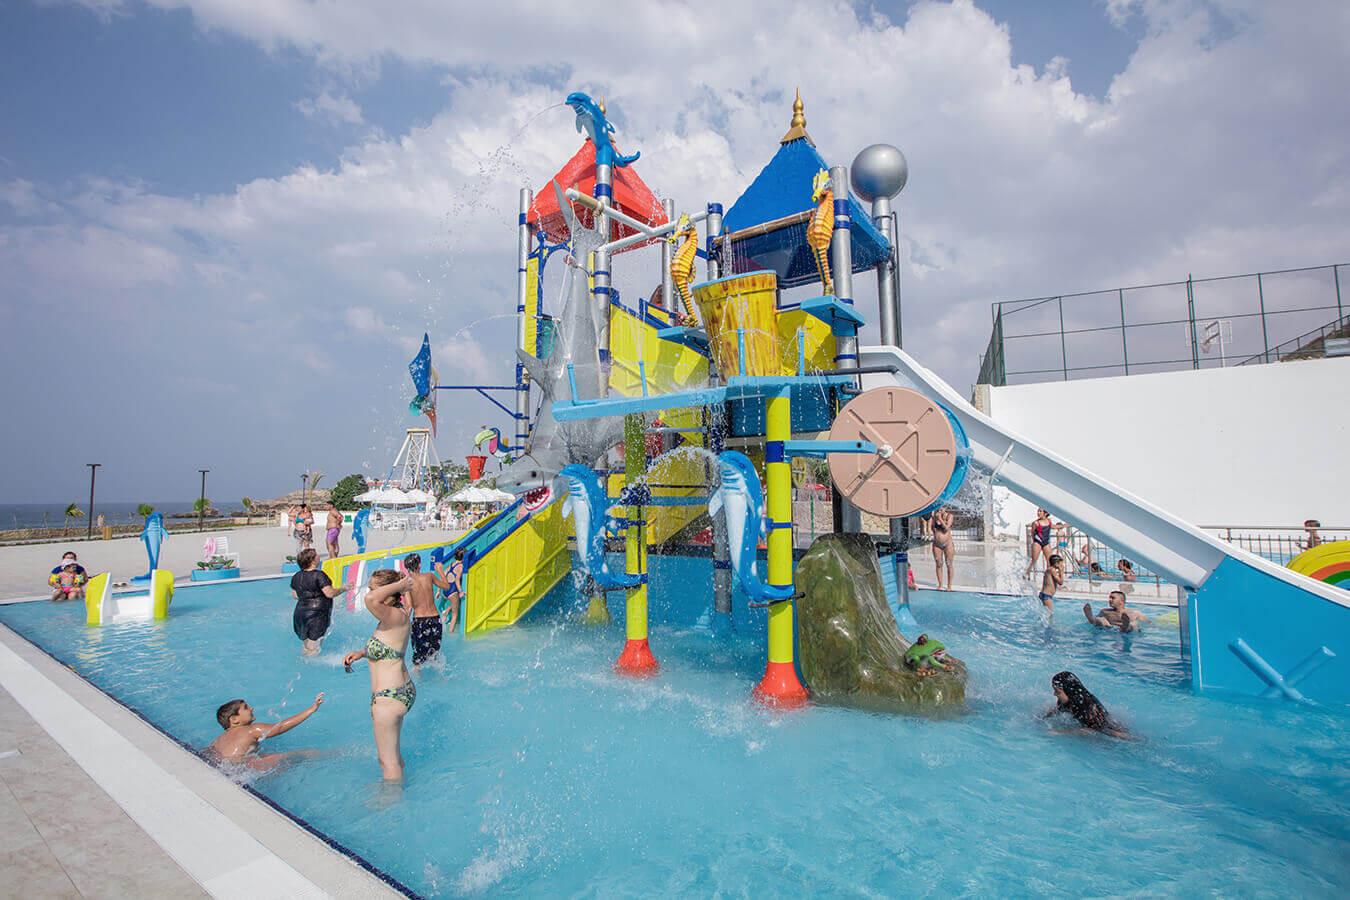 Ryazan, Acapulco Water Park: Description, Photos and Reviews 49